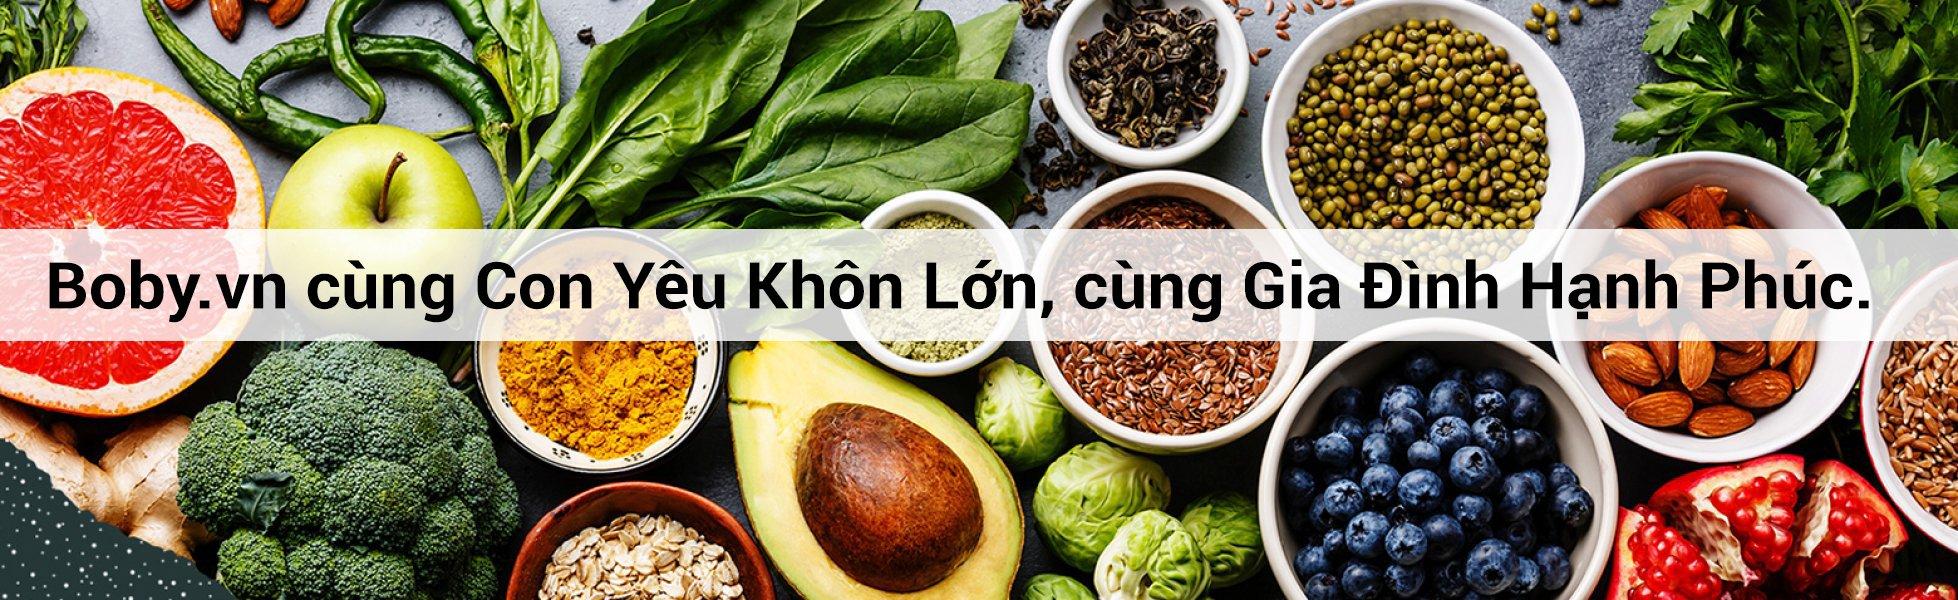 Thực phẩm tốt cho sức khỏe - Boby.vn